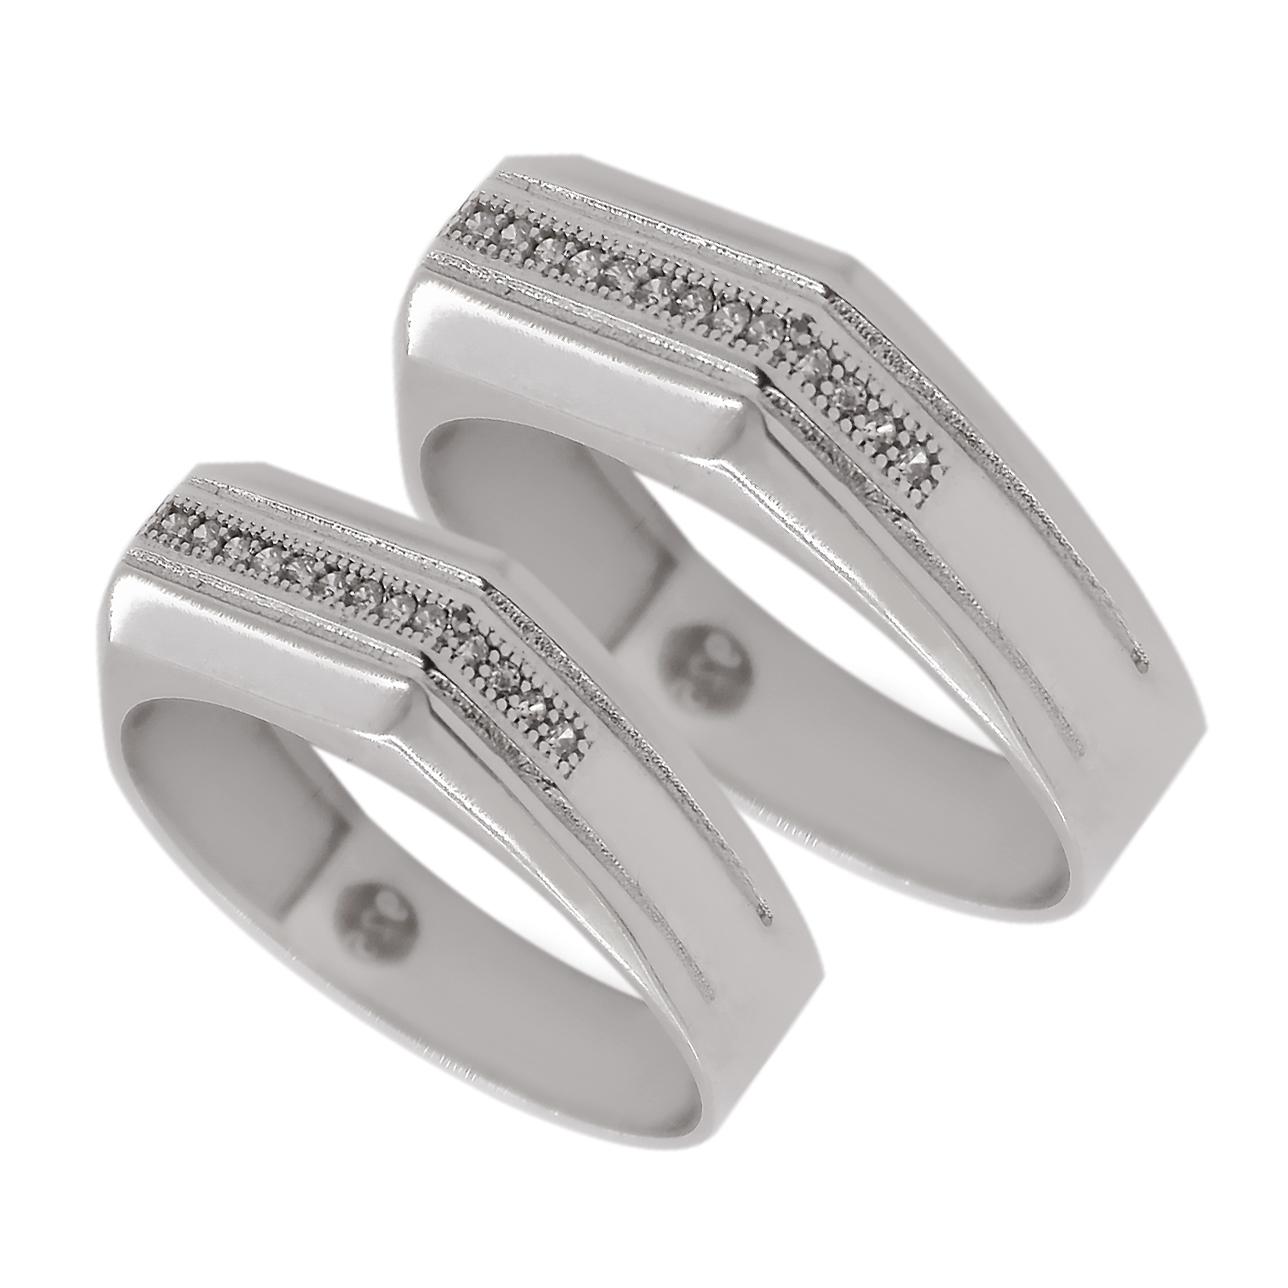 ست انگشتر نقره زنانه و مردانه مدل asd2134